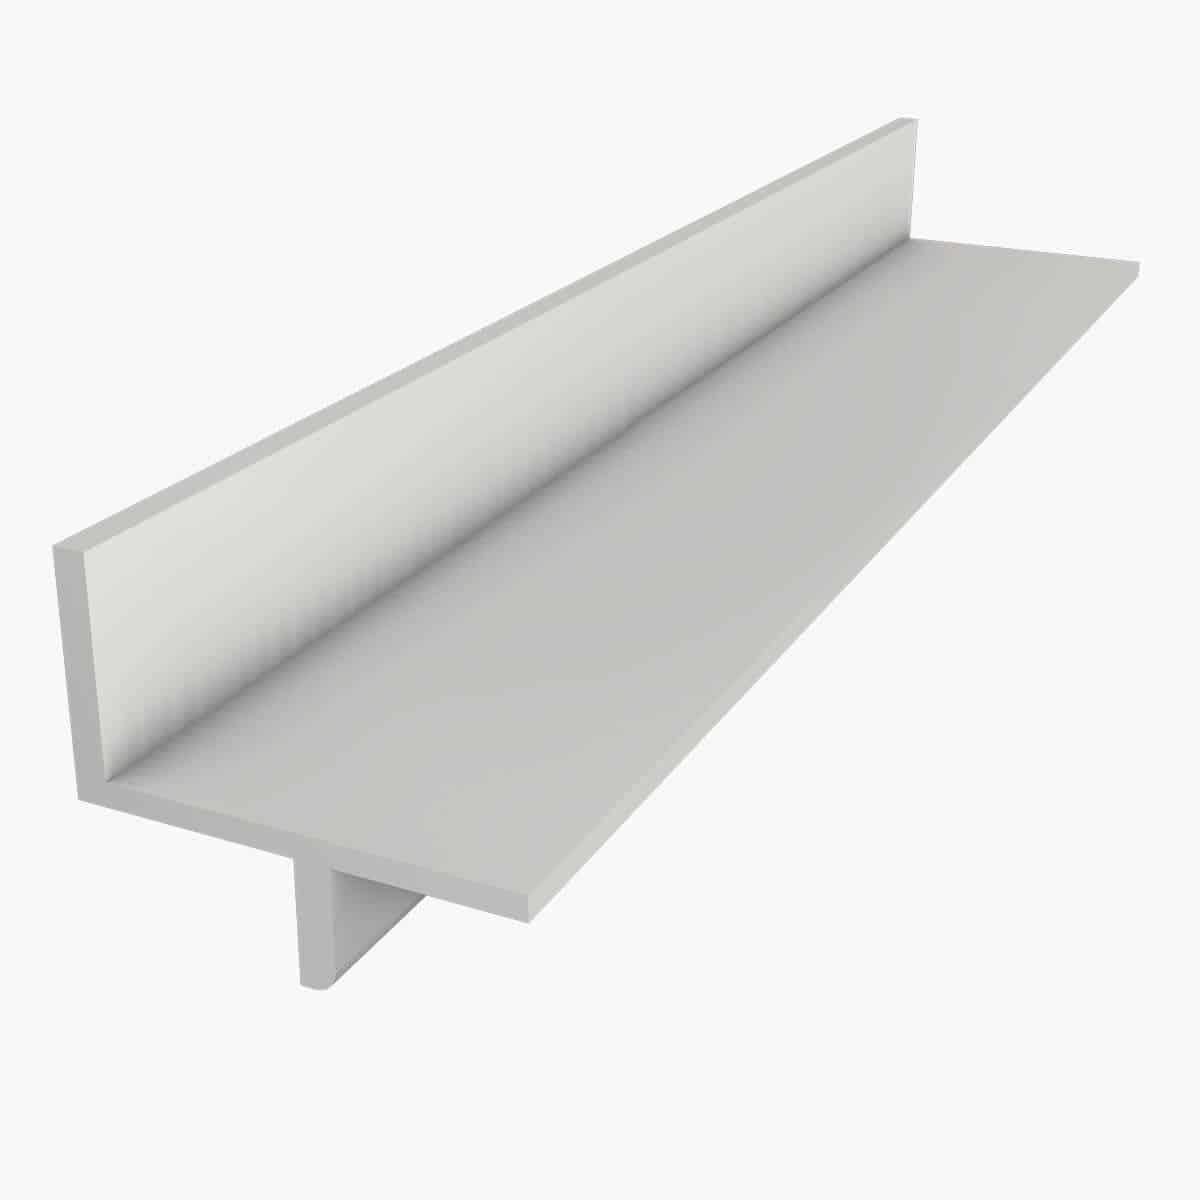 TEMPOLISTEL 112 - Profil pour jonction faux plafond